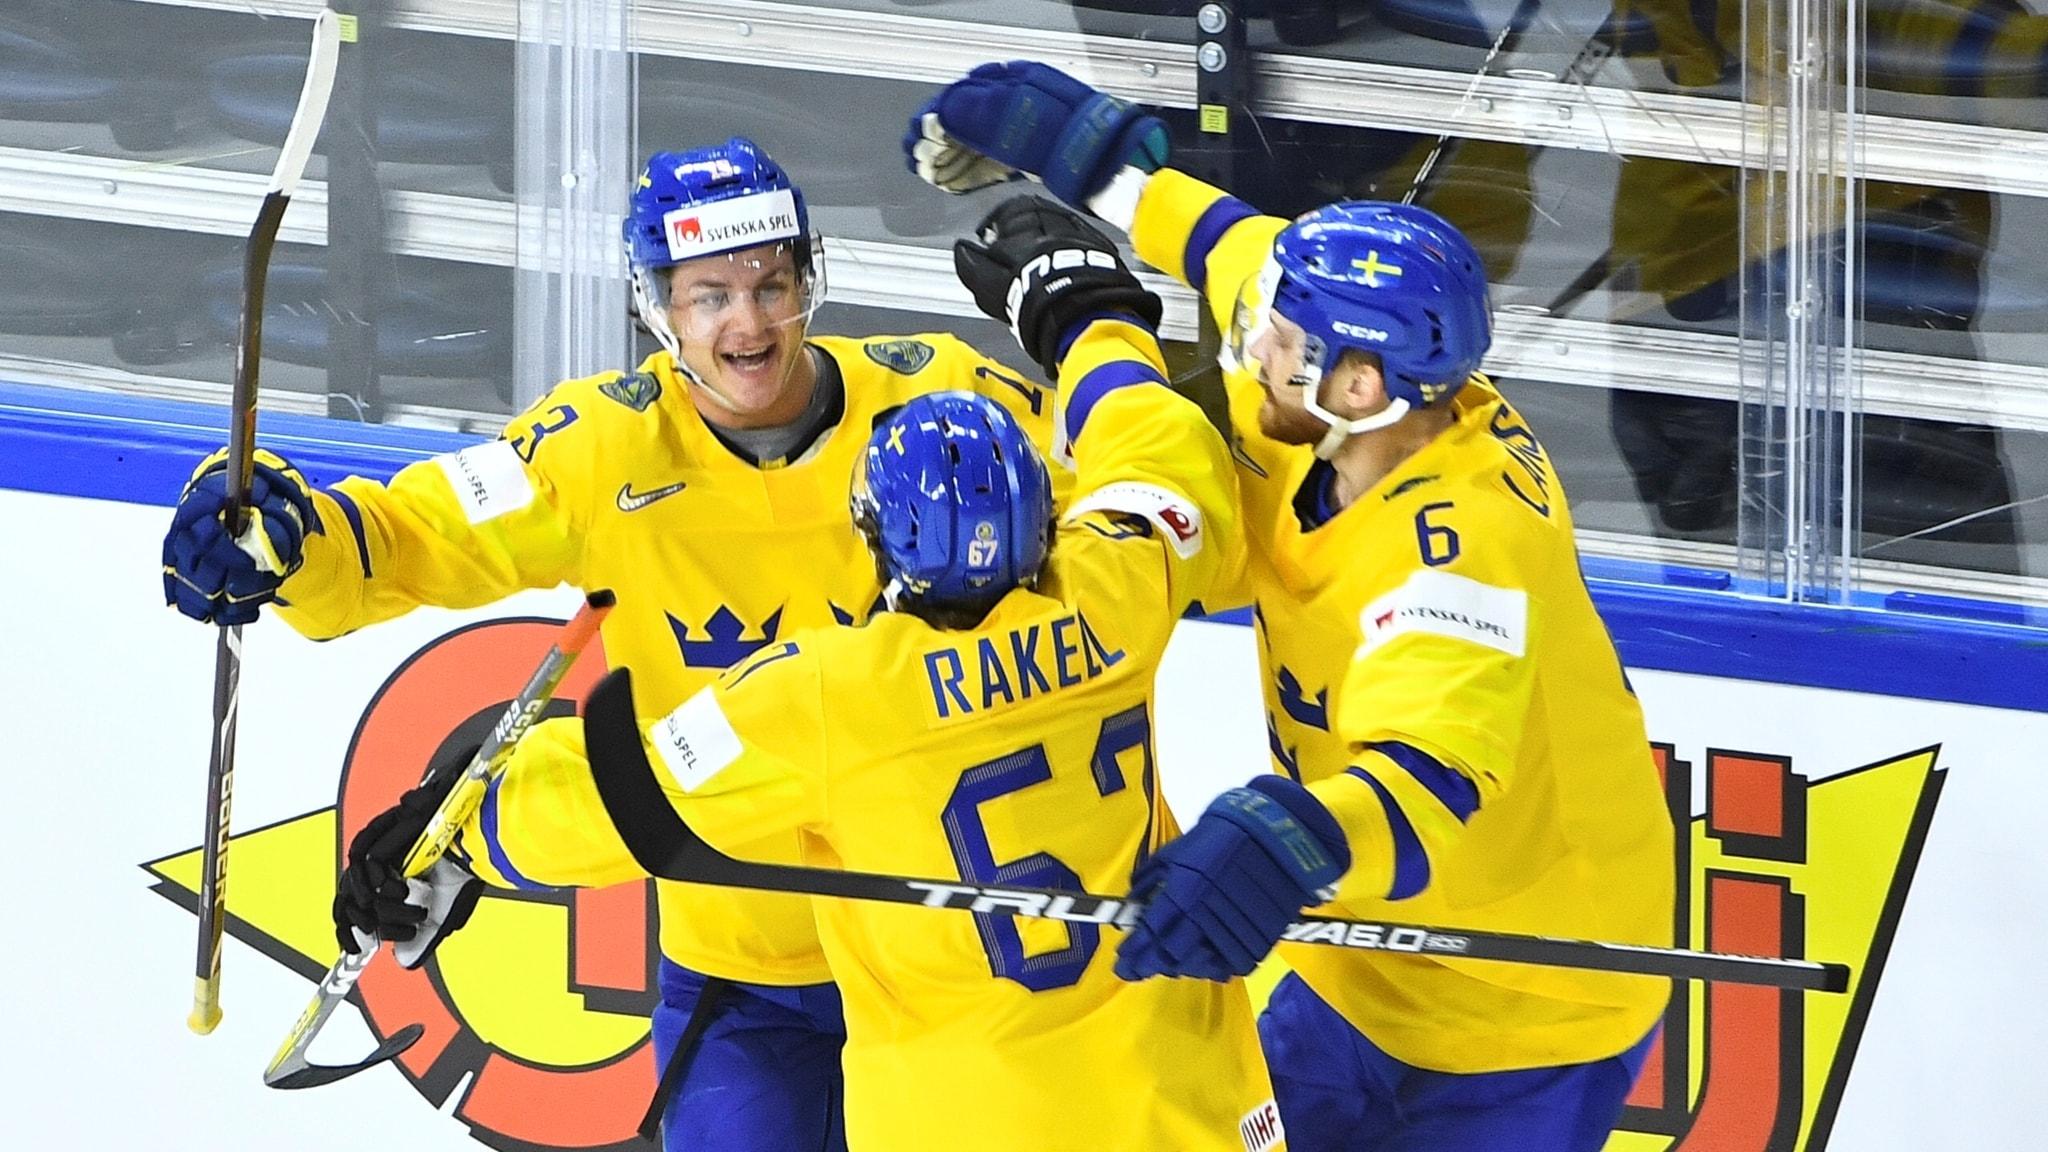 Svenska hockeyspelare kramas.